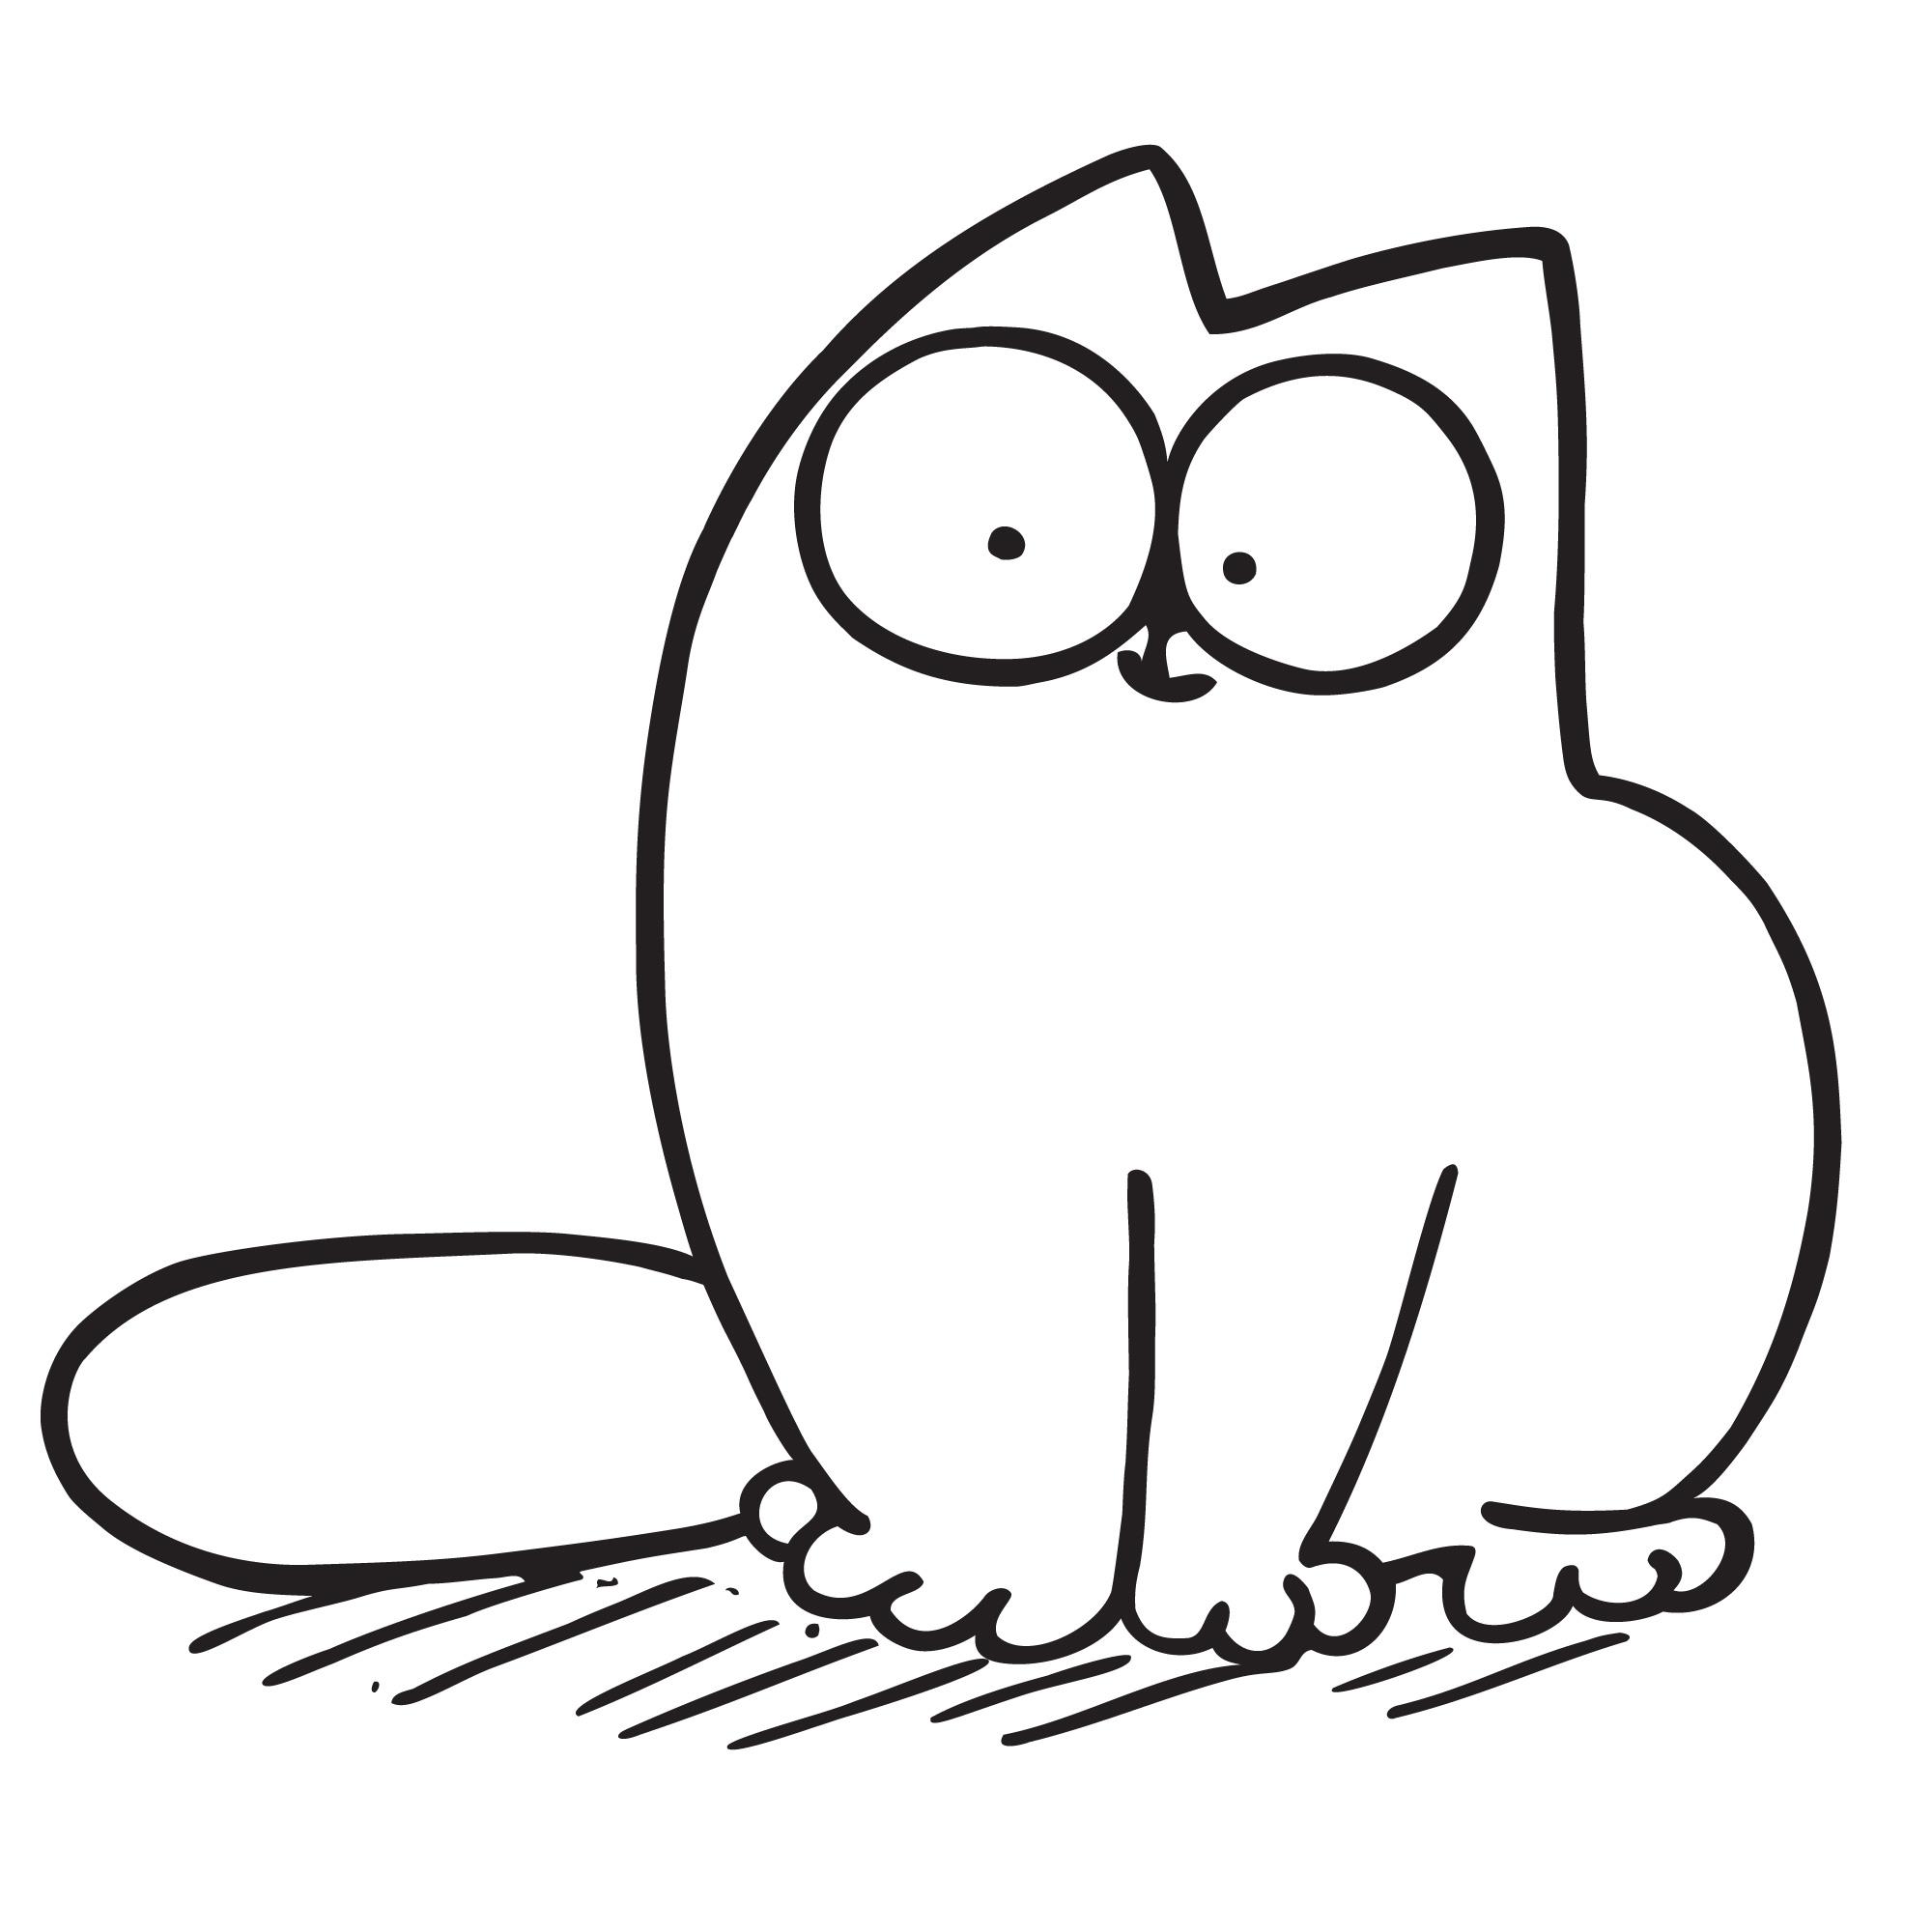 Simon's Cat | SimonCat Wikia | FANDOM powered by Wikia